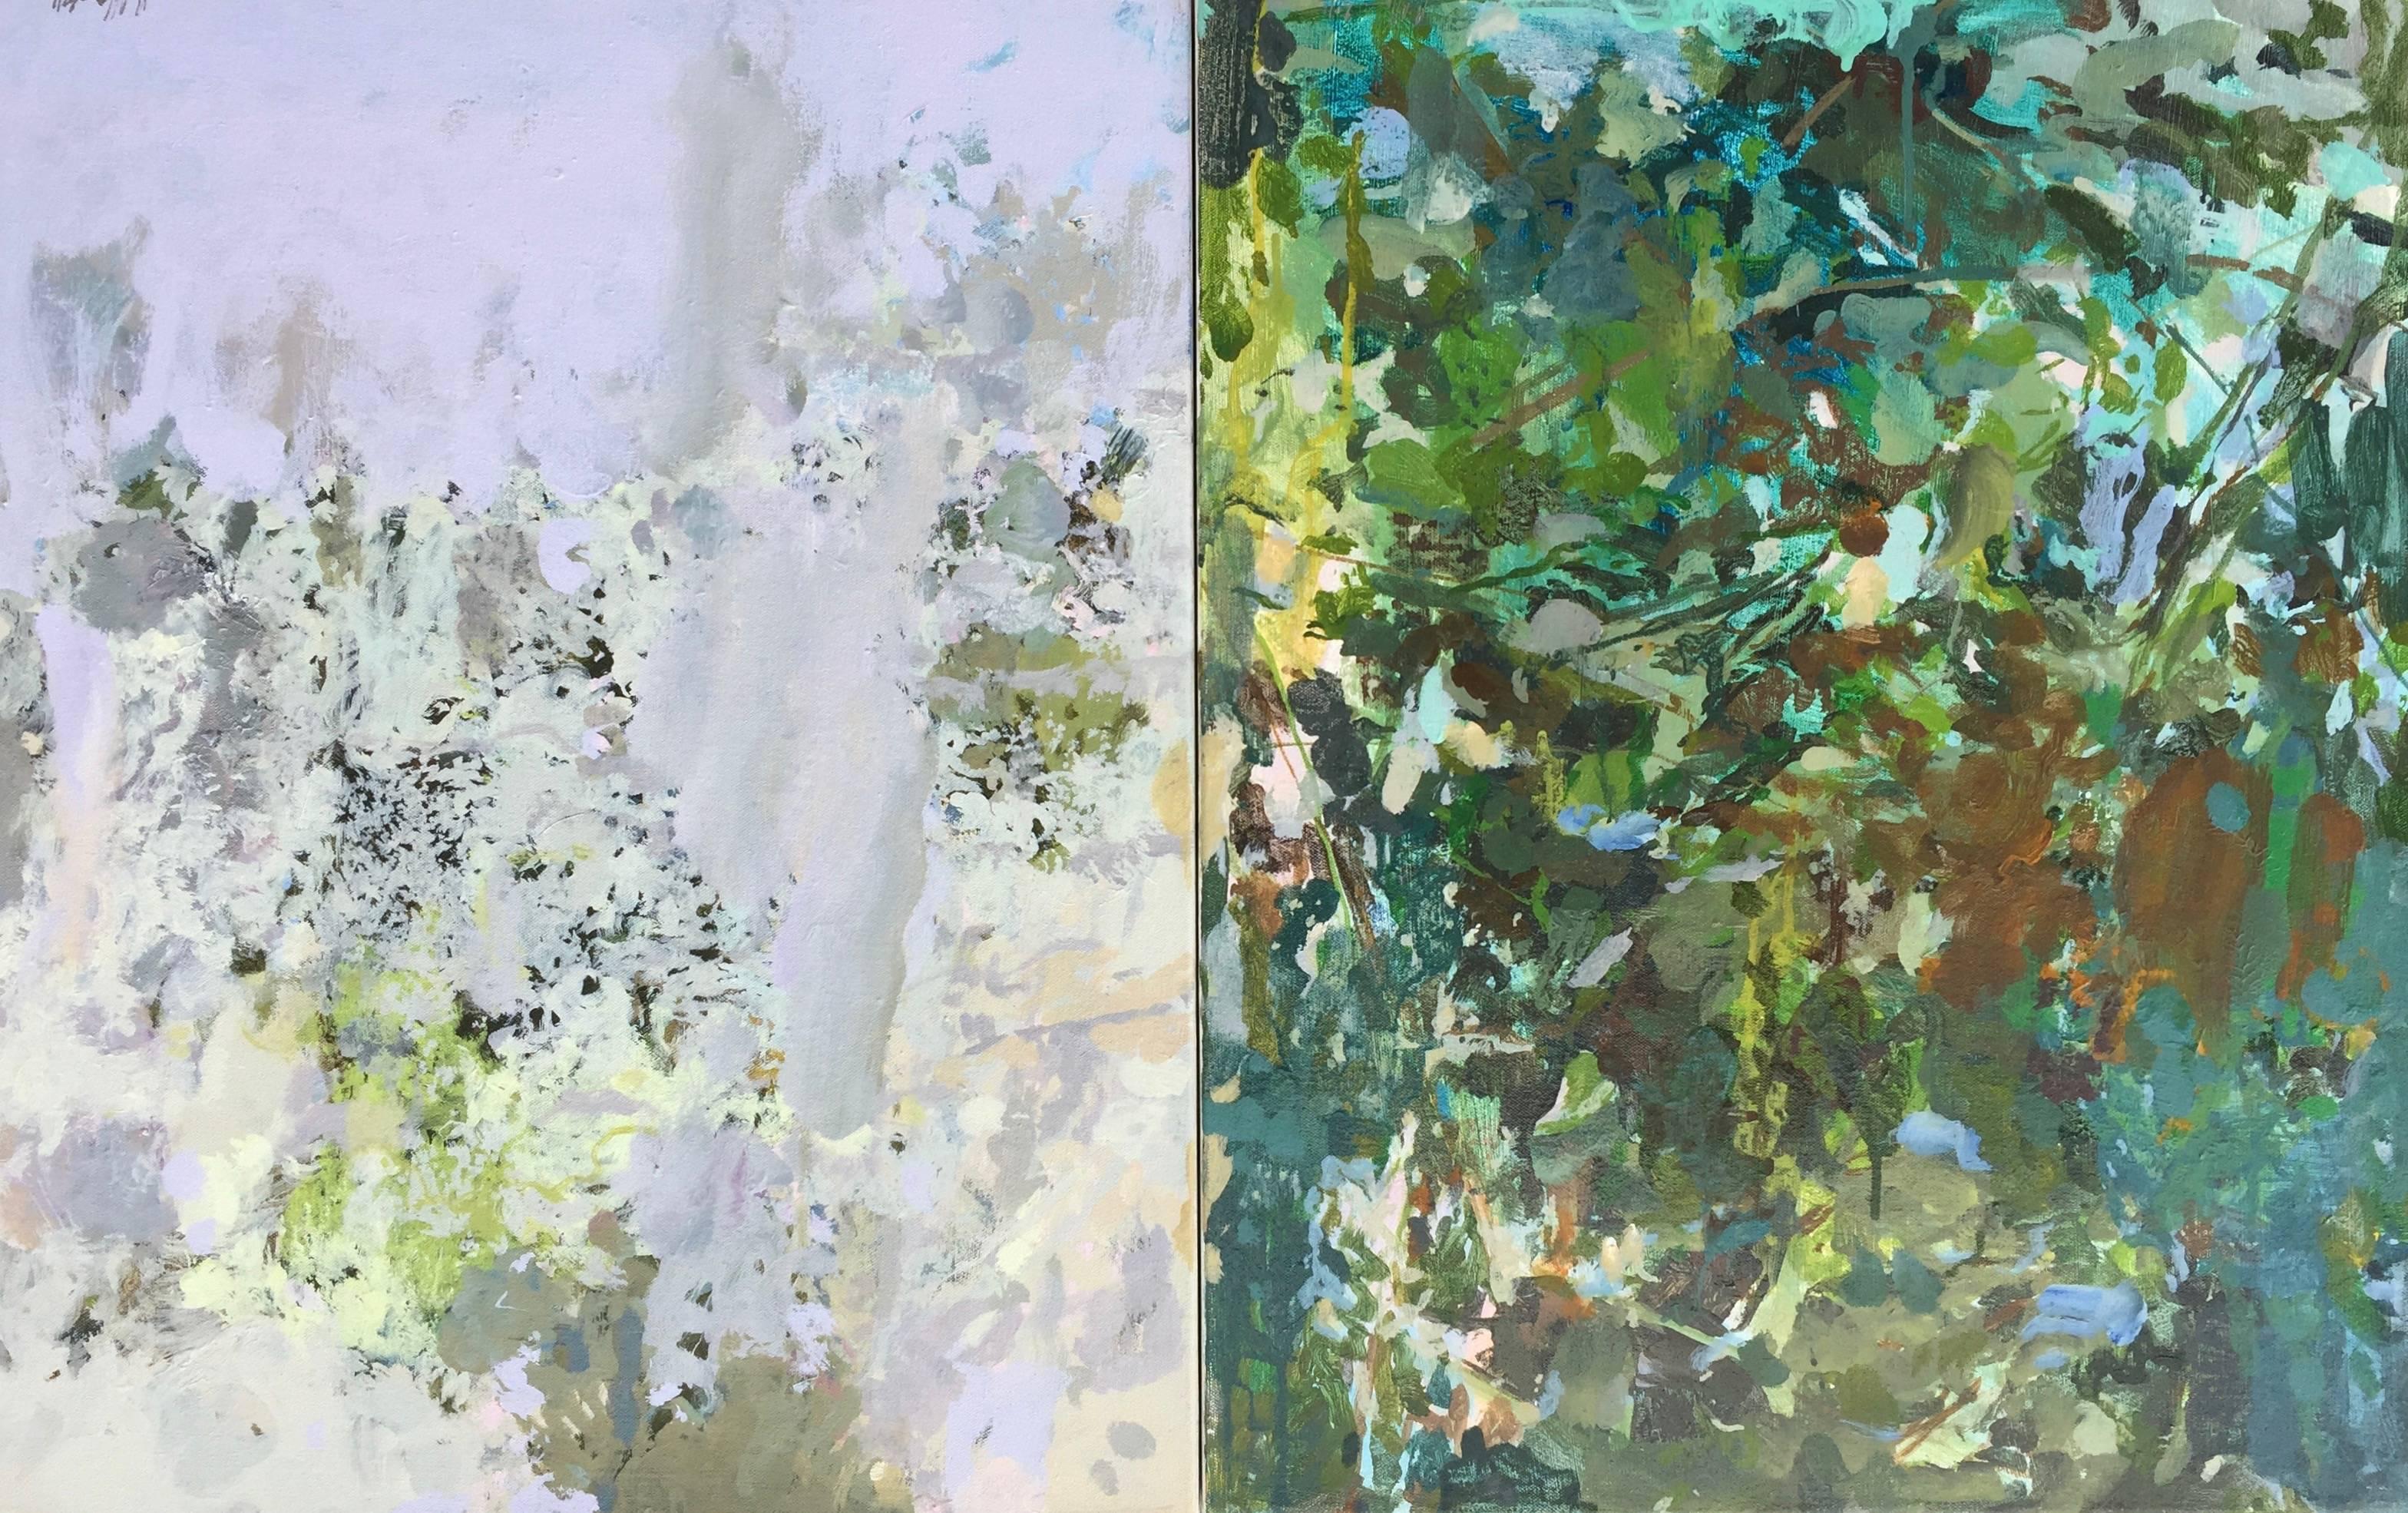 Theodore Dreiser's Garden (Spring/Winter) (diptych)